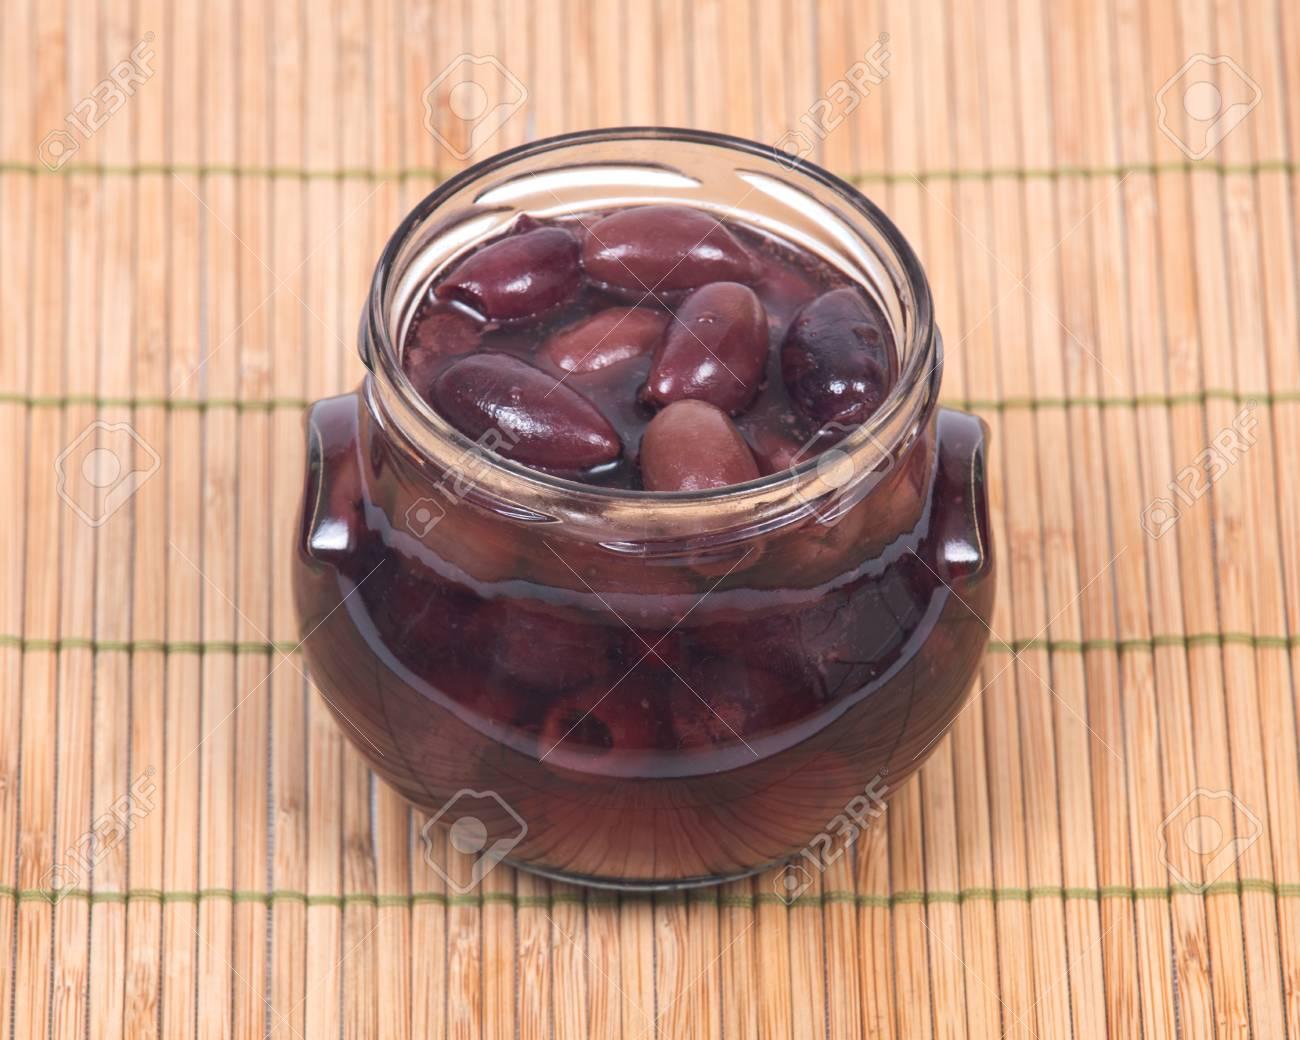 Jumbo Pitted Kalamata Oliven Im Glas Auf Bambus Tischset Lizenzfreie